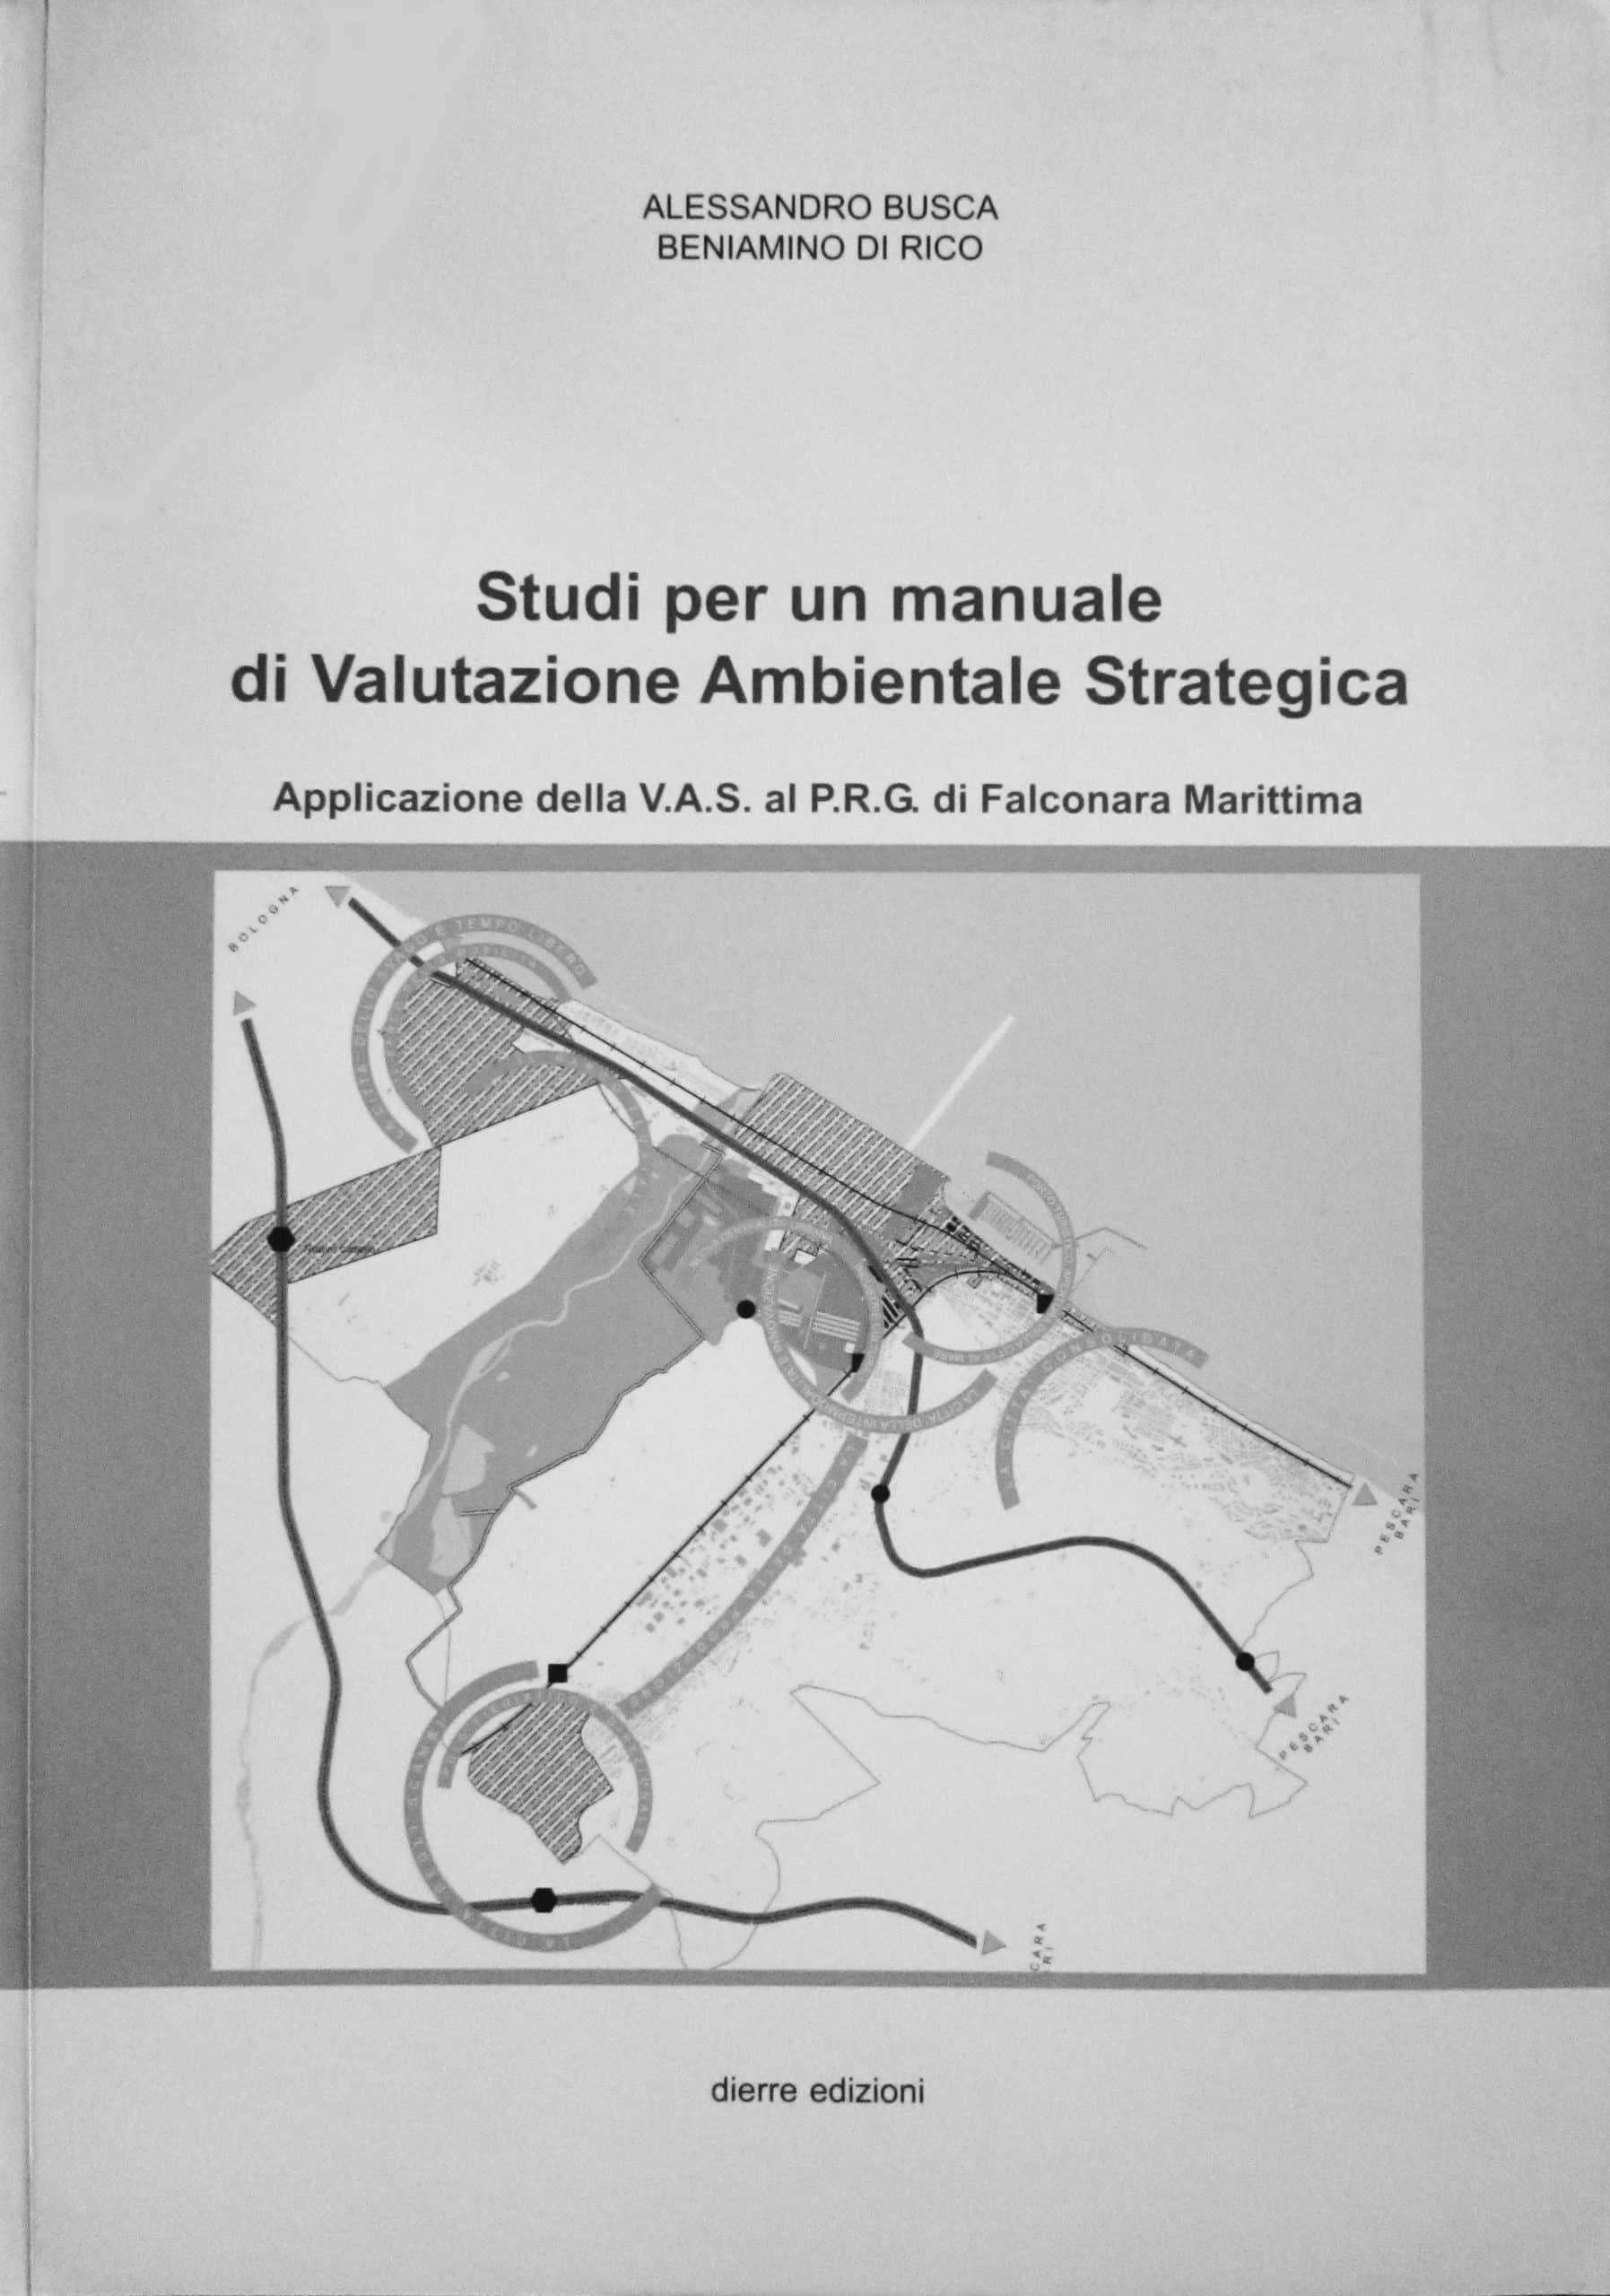 16 - Studi per un manuale di Valutazione Ambientale Strategica. Applicazione della VAS al PRG di Falconara Marittima, Dierre Edizioni, Pescara 2006; con B. Di Rico - Copertina